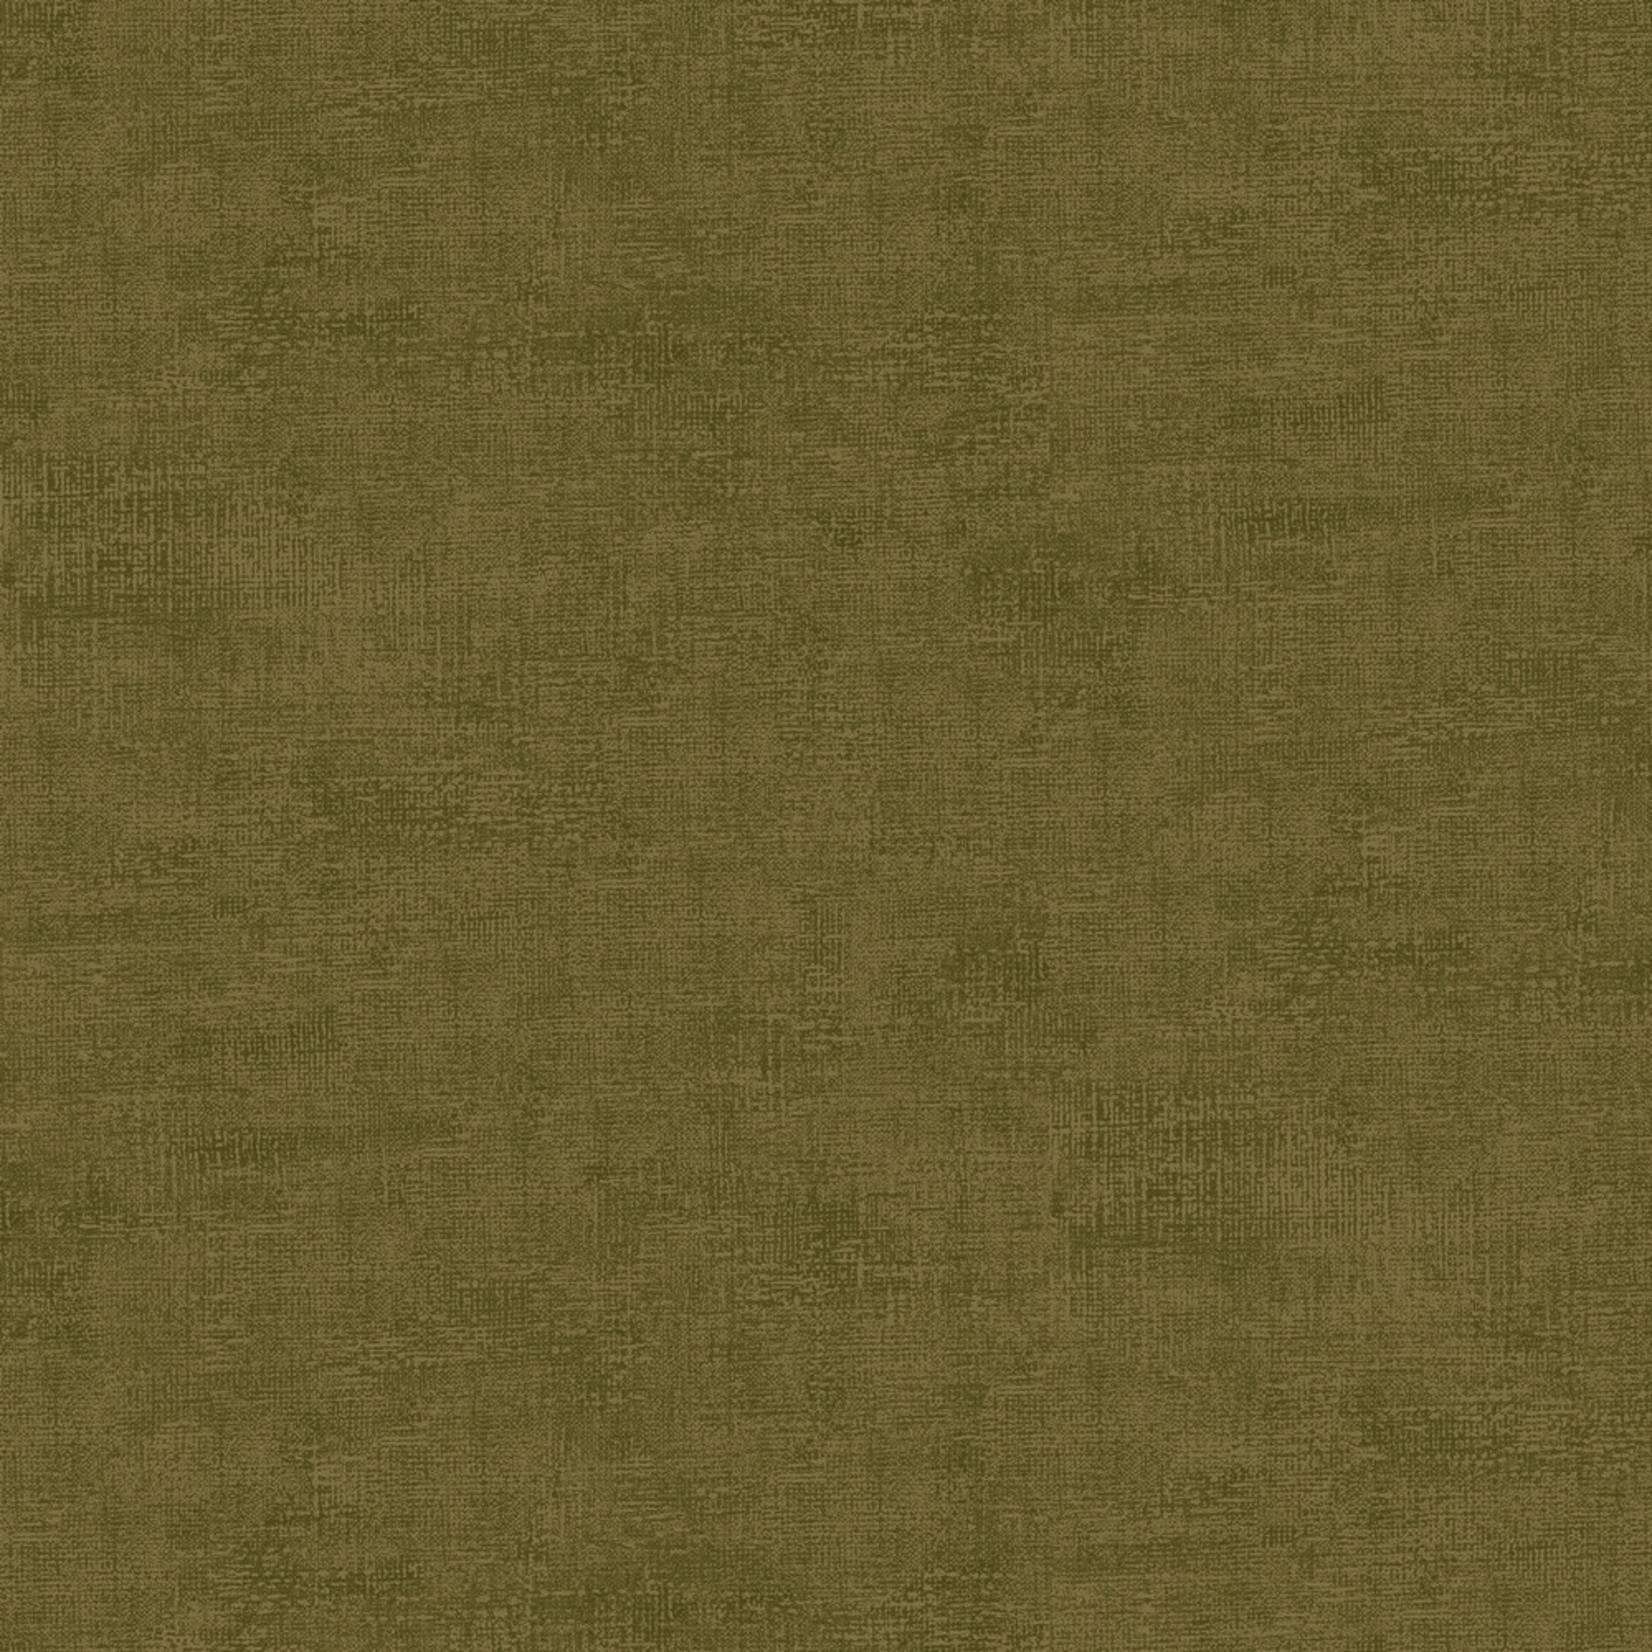 Stoffabrics Melange 4509 - 805